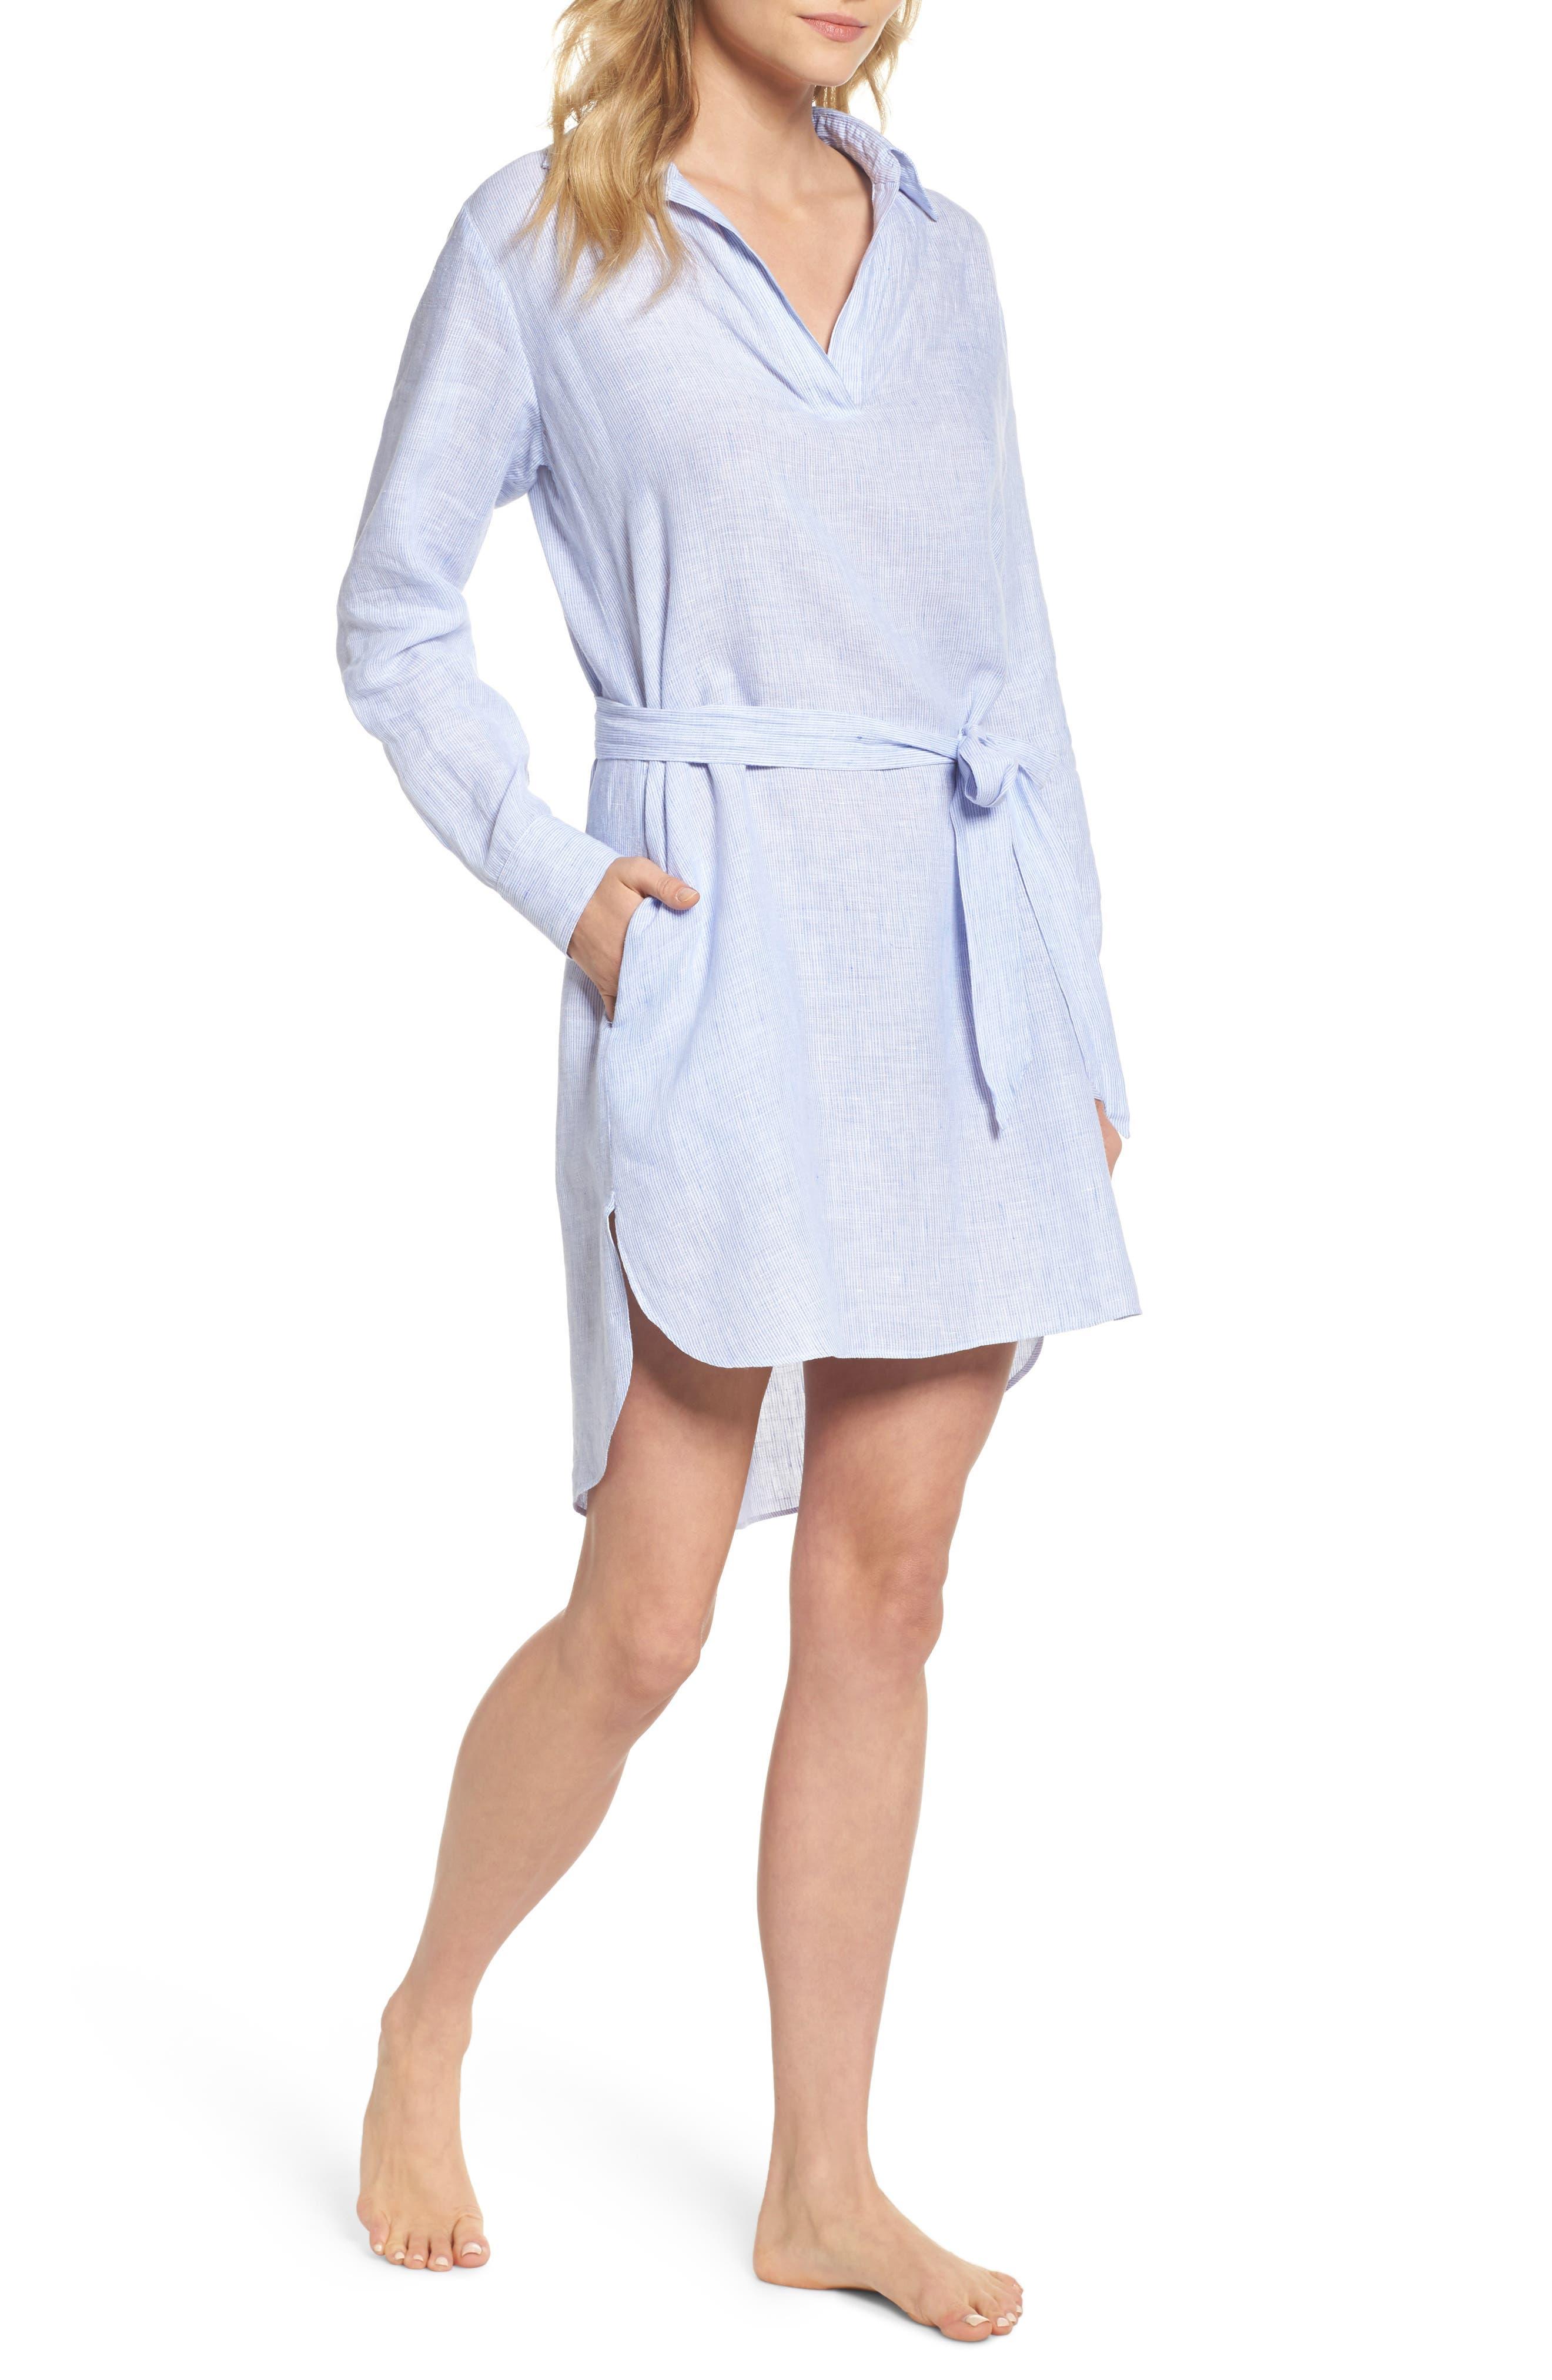 Alternate Image 1 Selected - Pour Les Femmes Linen Shirtdress